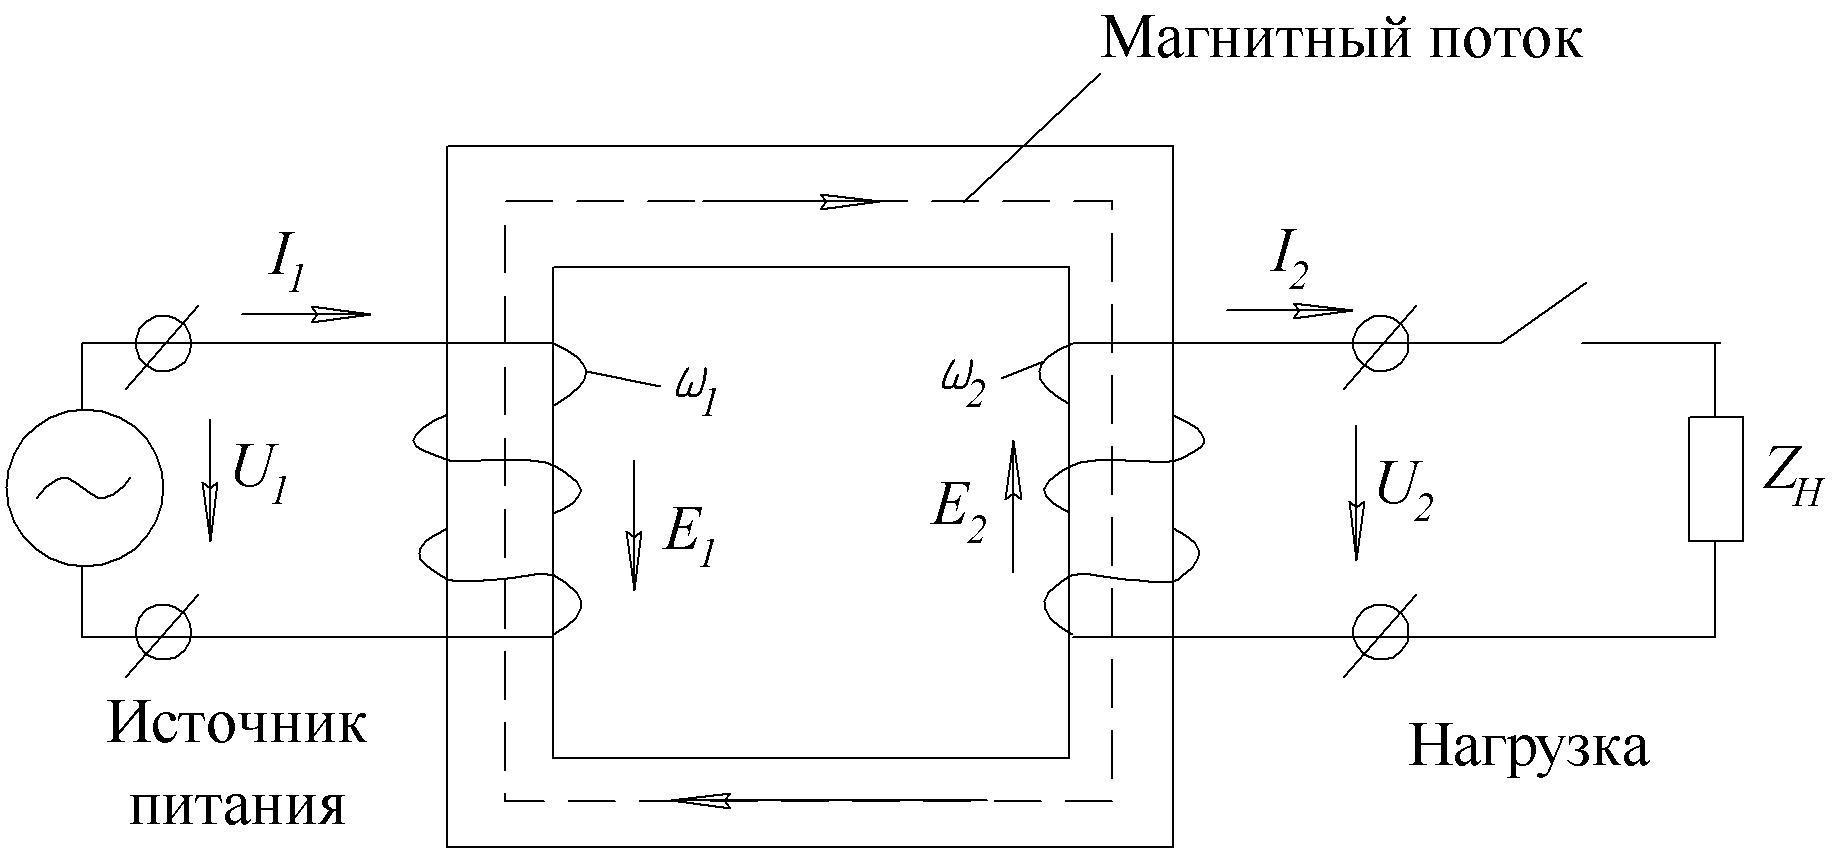 Схема трансформатора на лабораторной работе